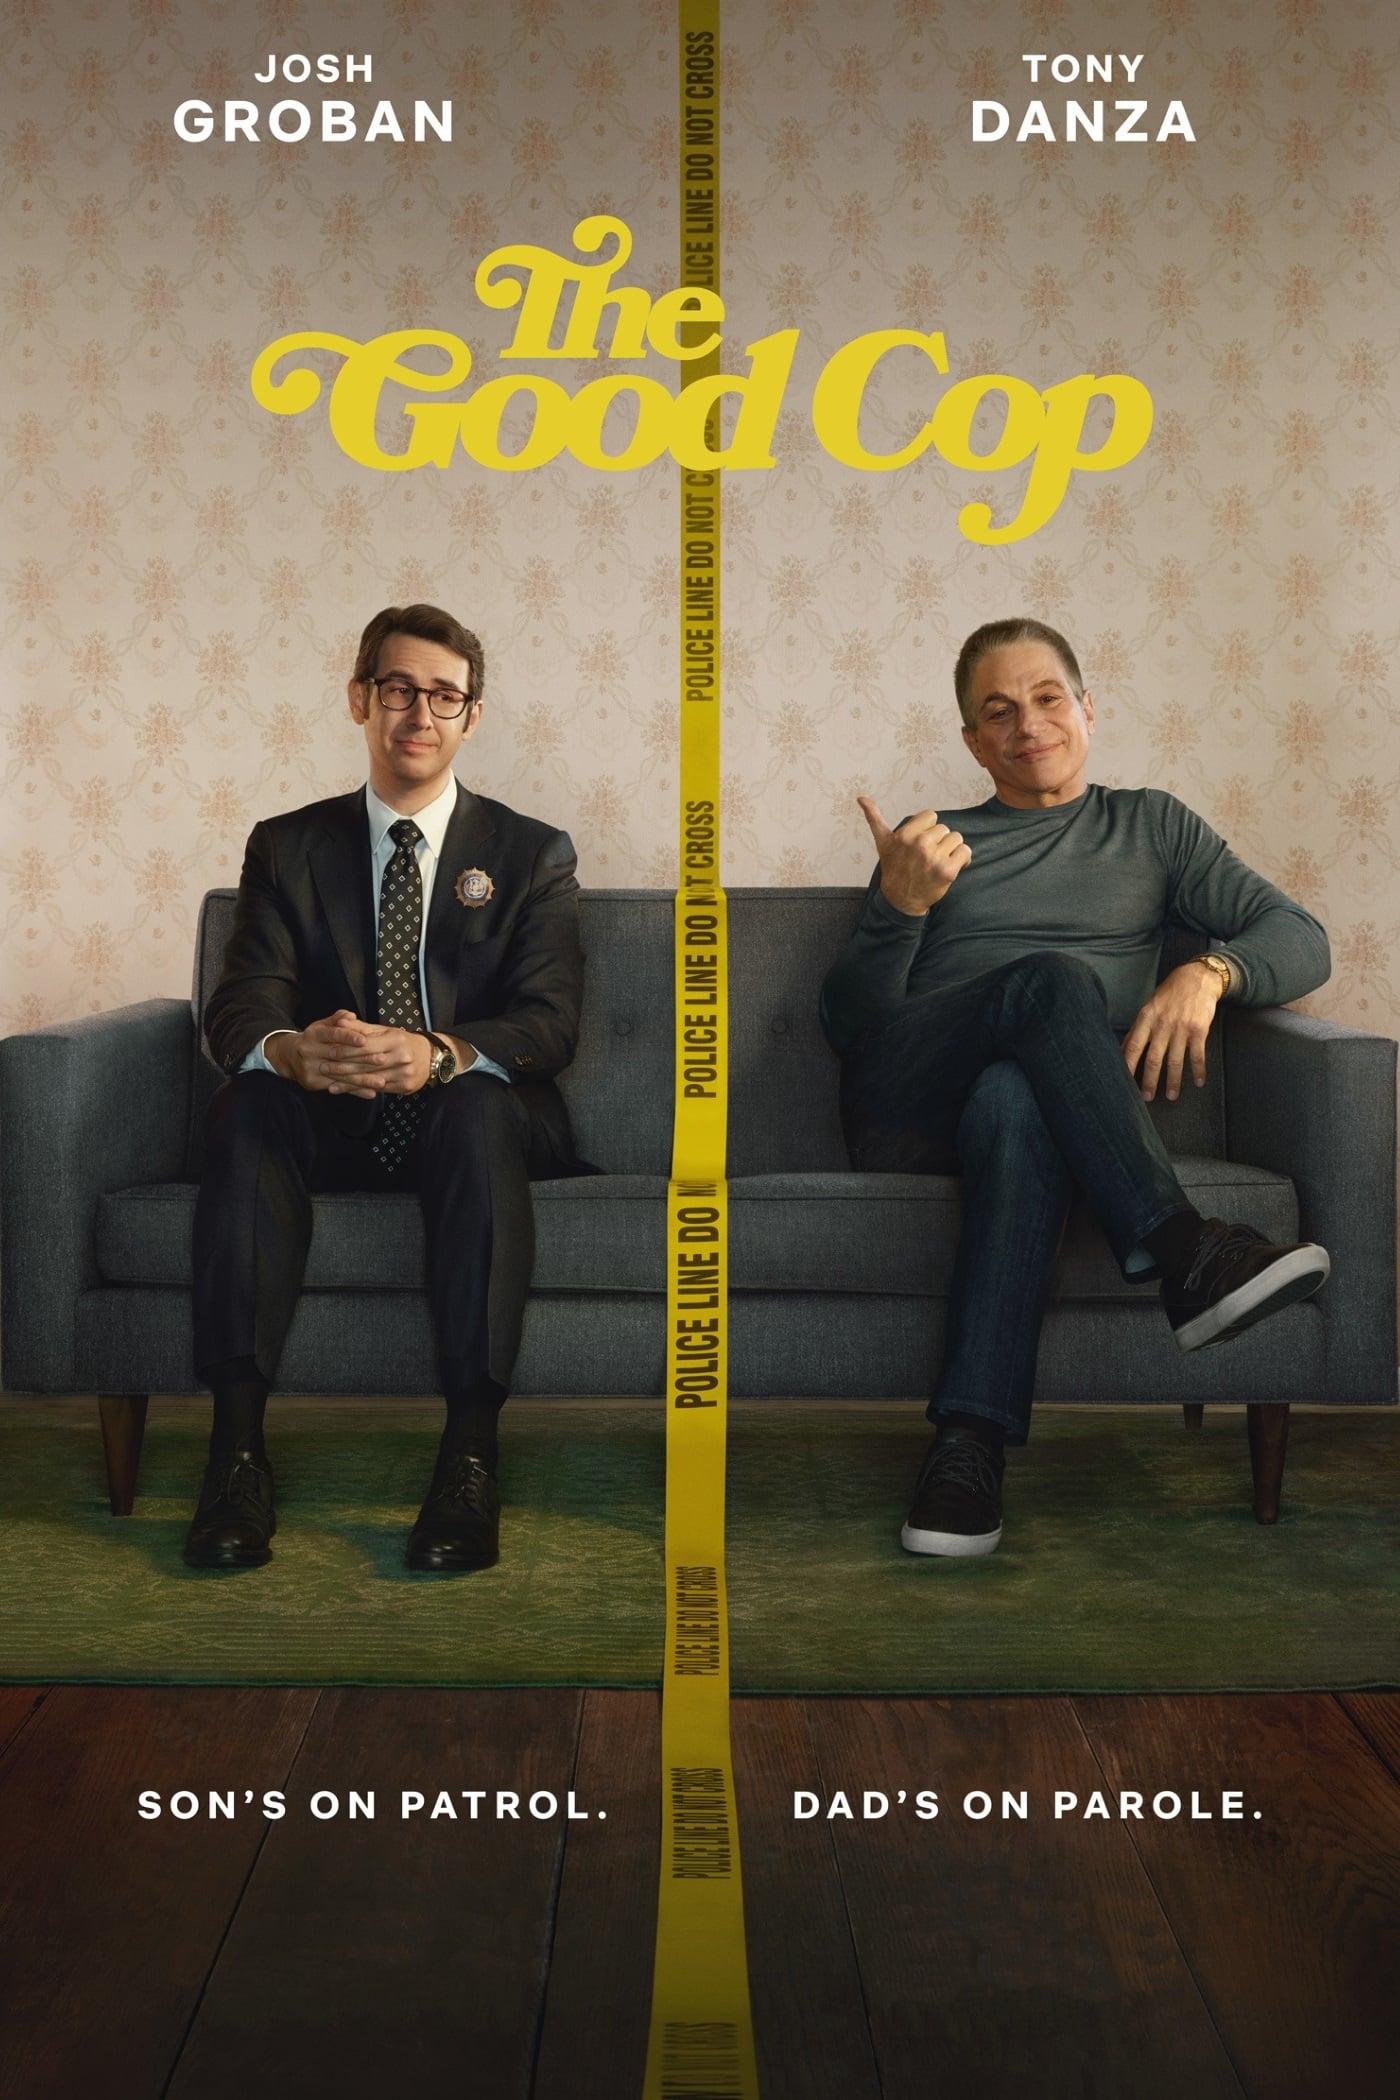 Imagen The Good Cop